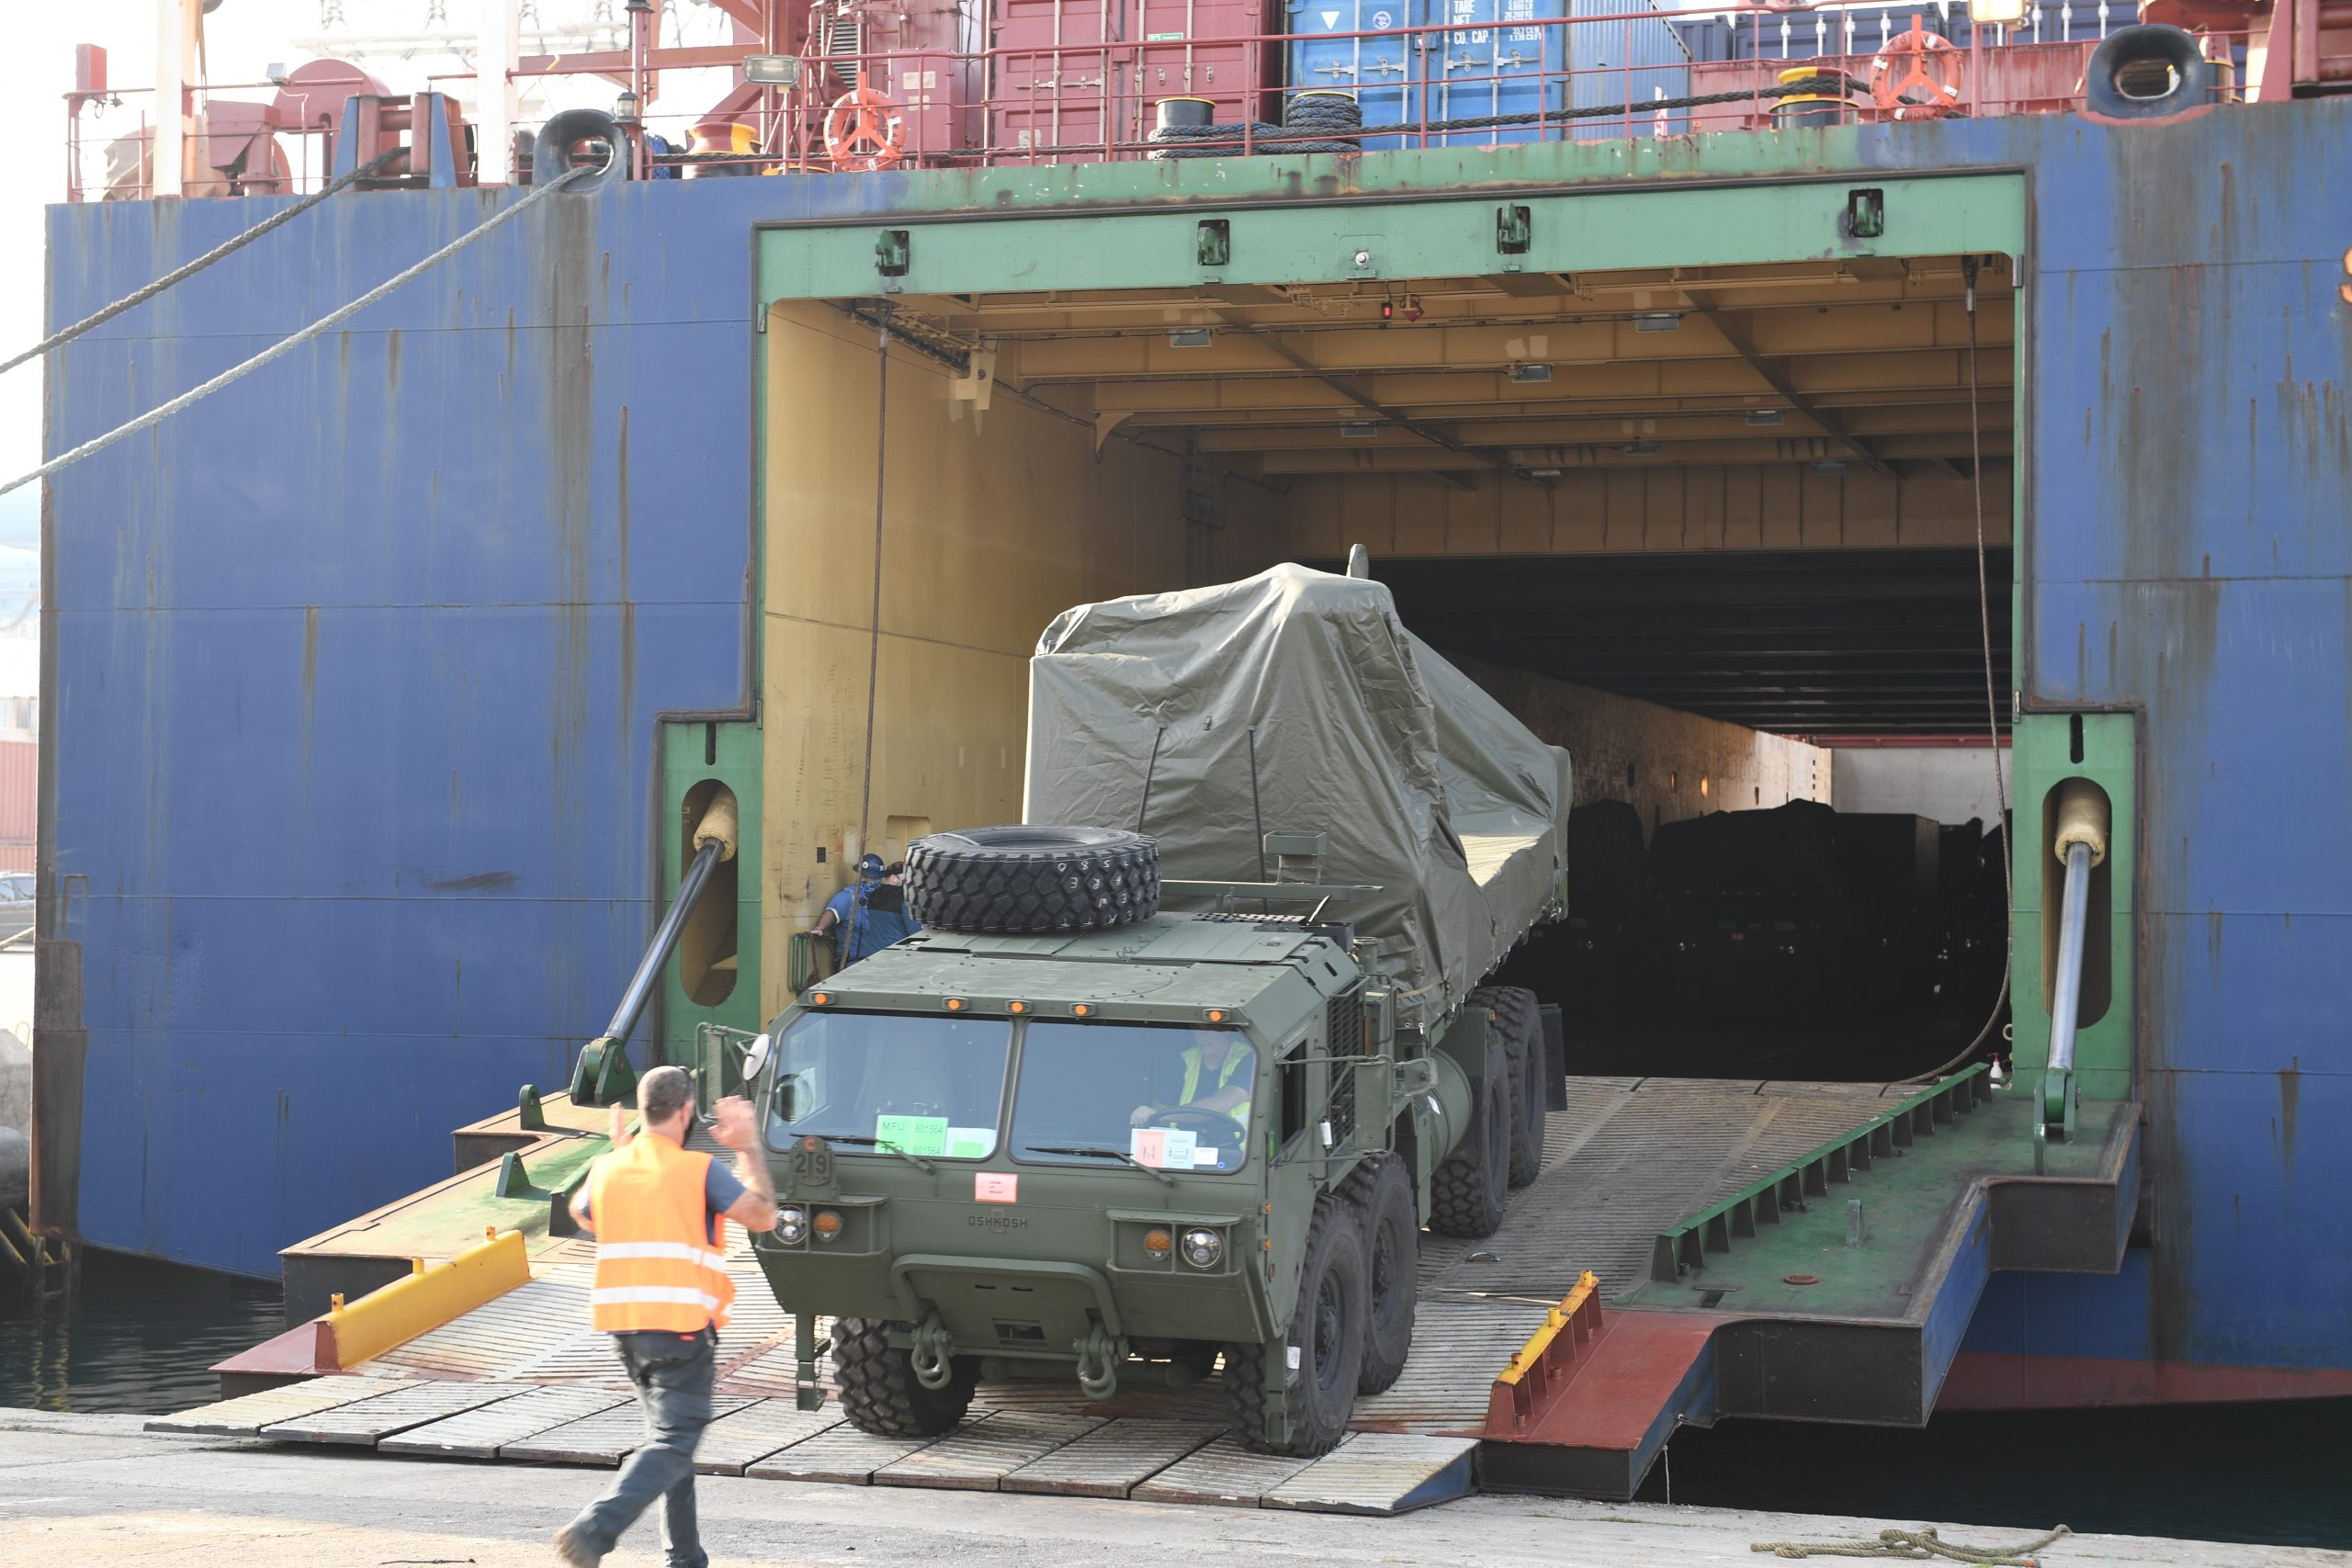 Батарея ПВО «Железный купол» прибыла в США. Фото предоставлено Министерством обороны Израиля